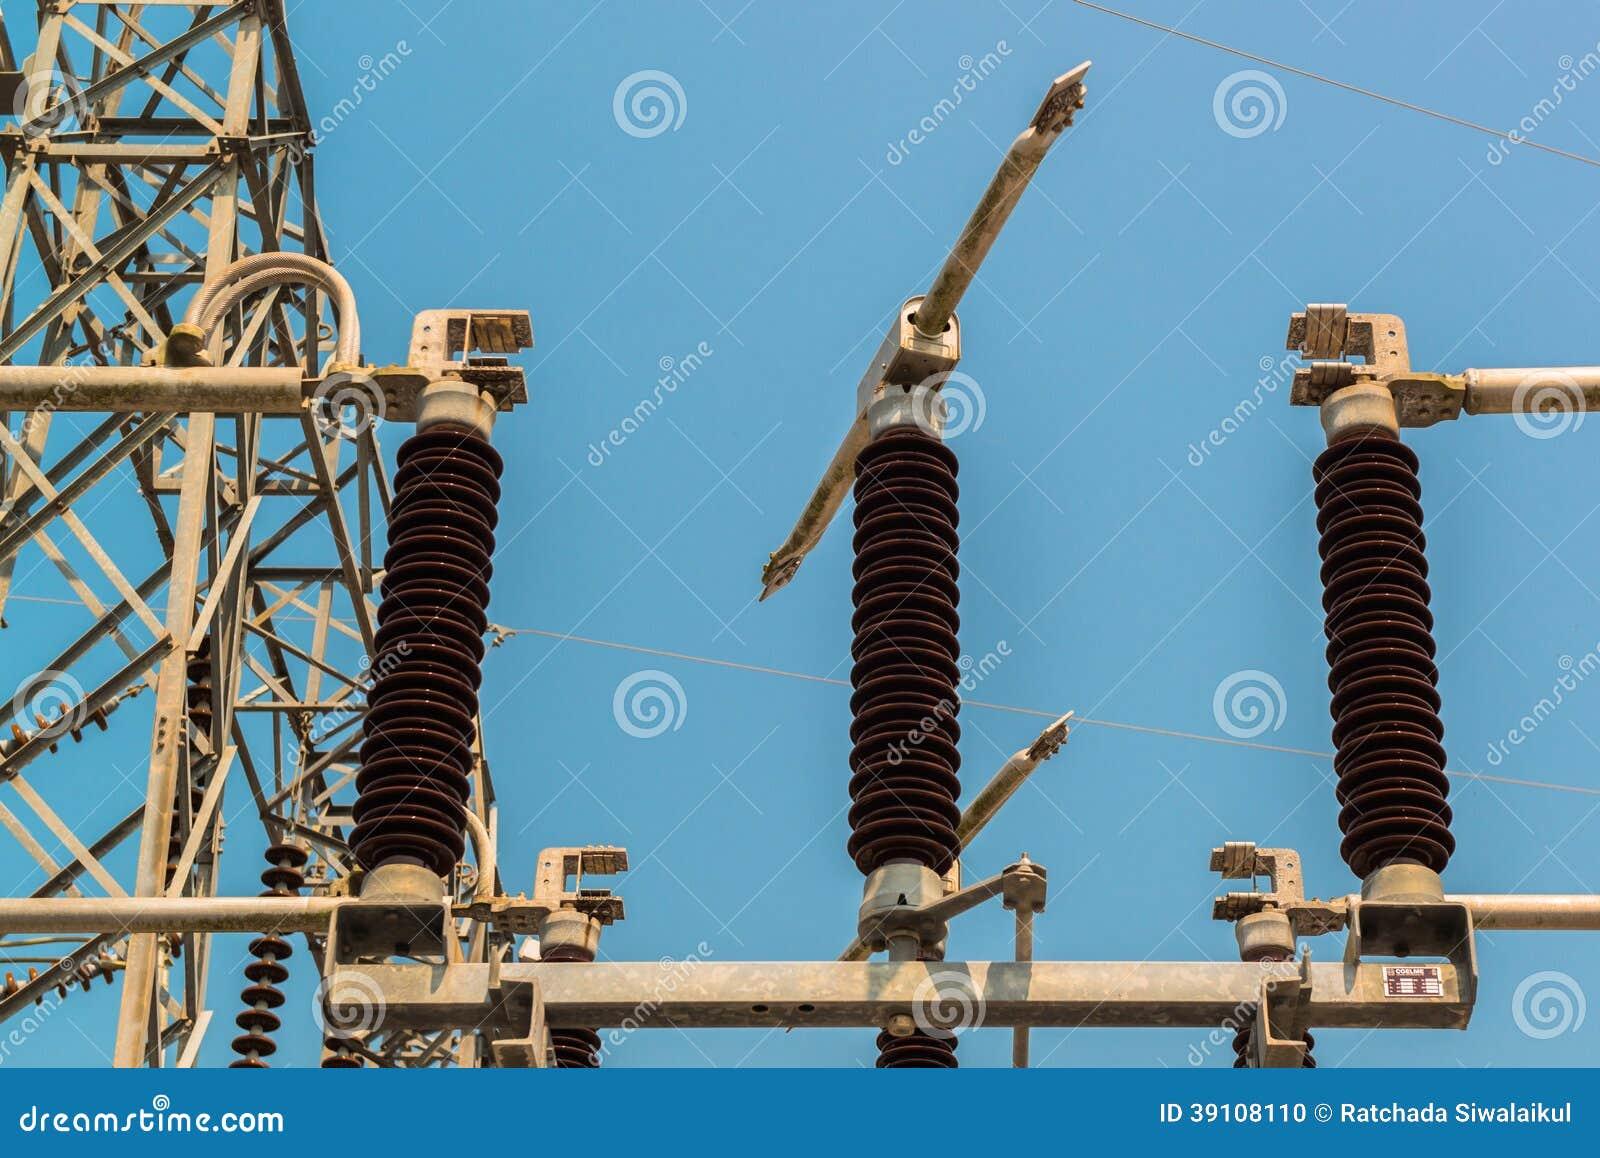 Krachtcentrale voor het maken van elektriciteit